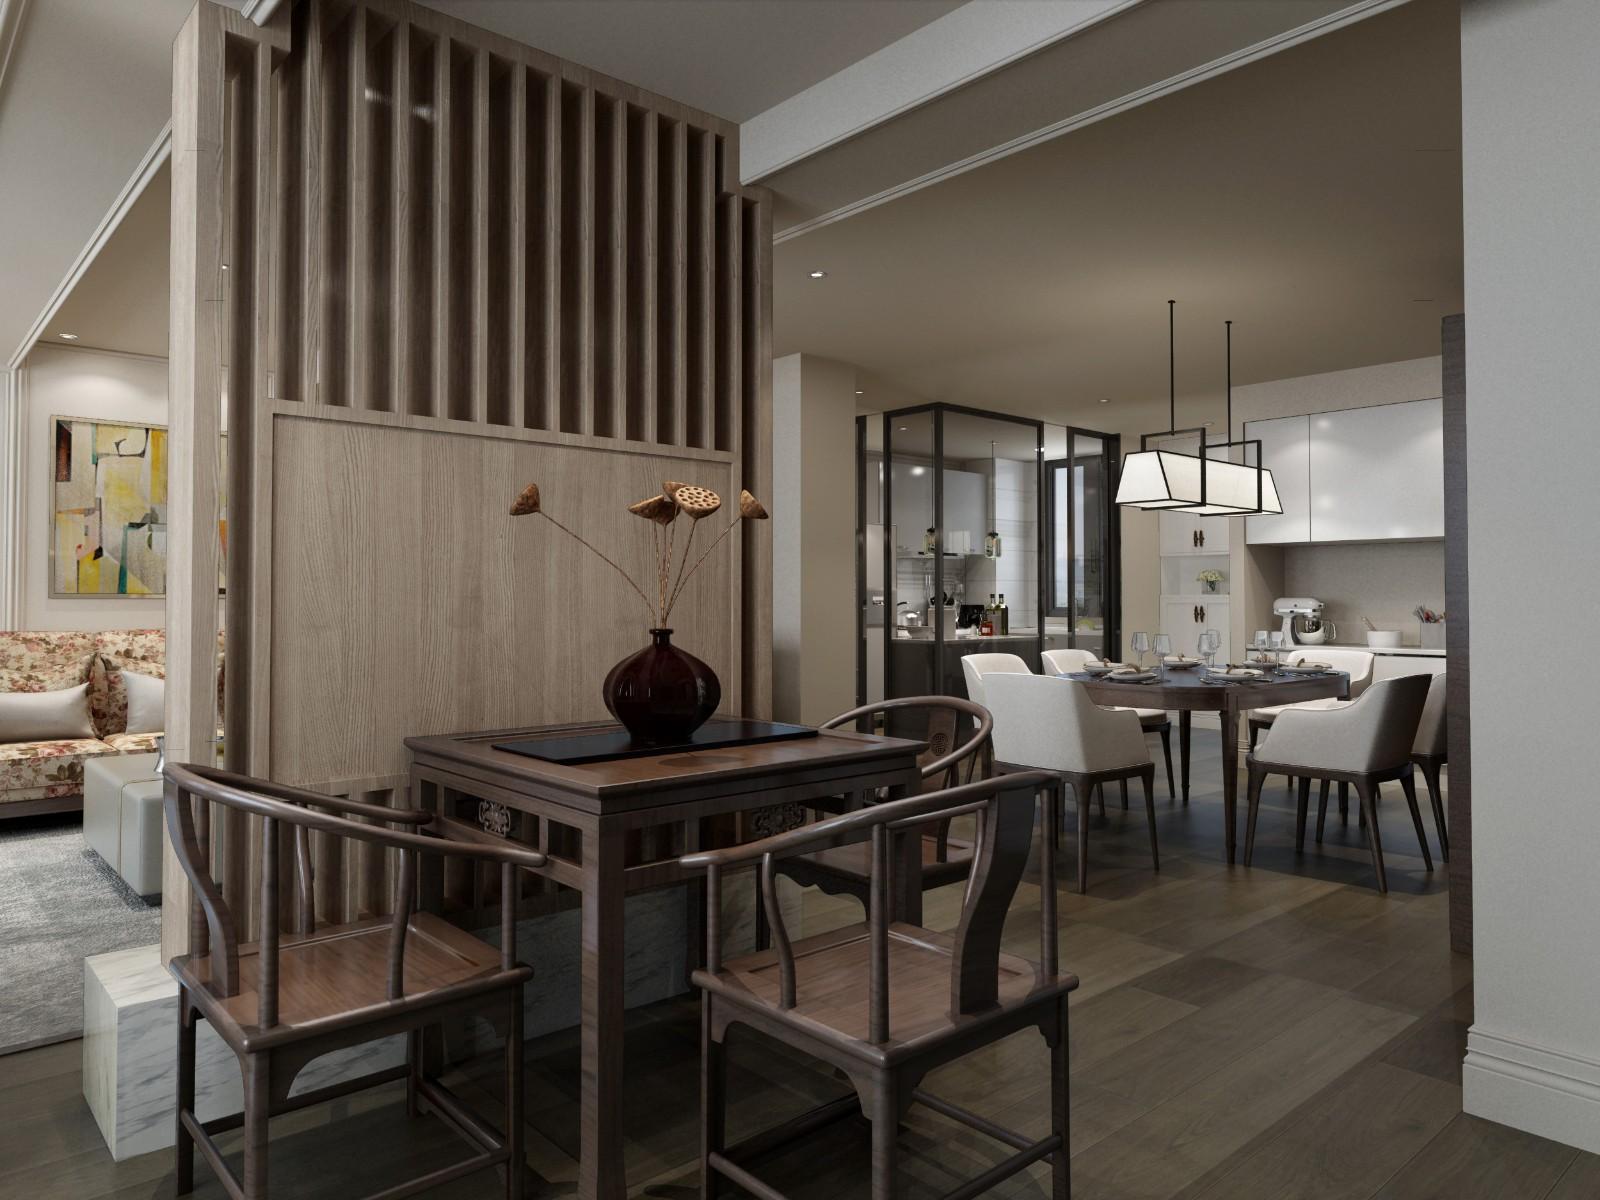 2020新中式90平米裝飾設計 2020新中式三居室裝修設計圖片